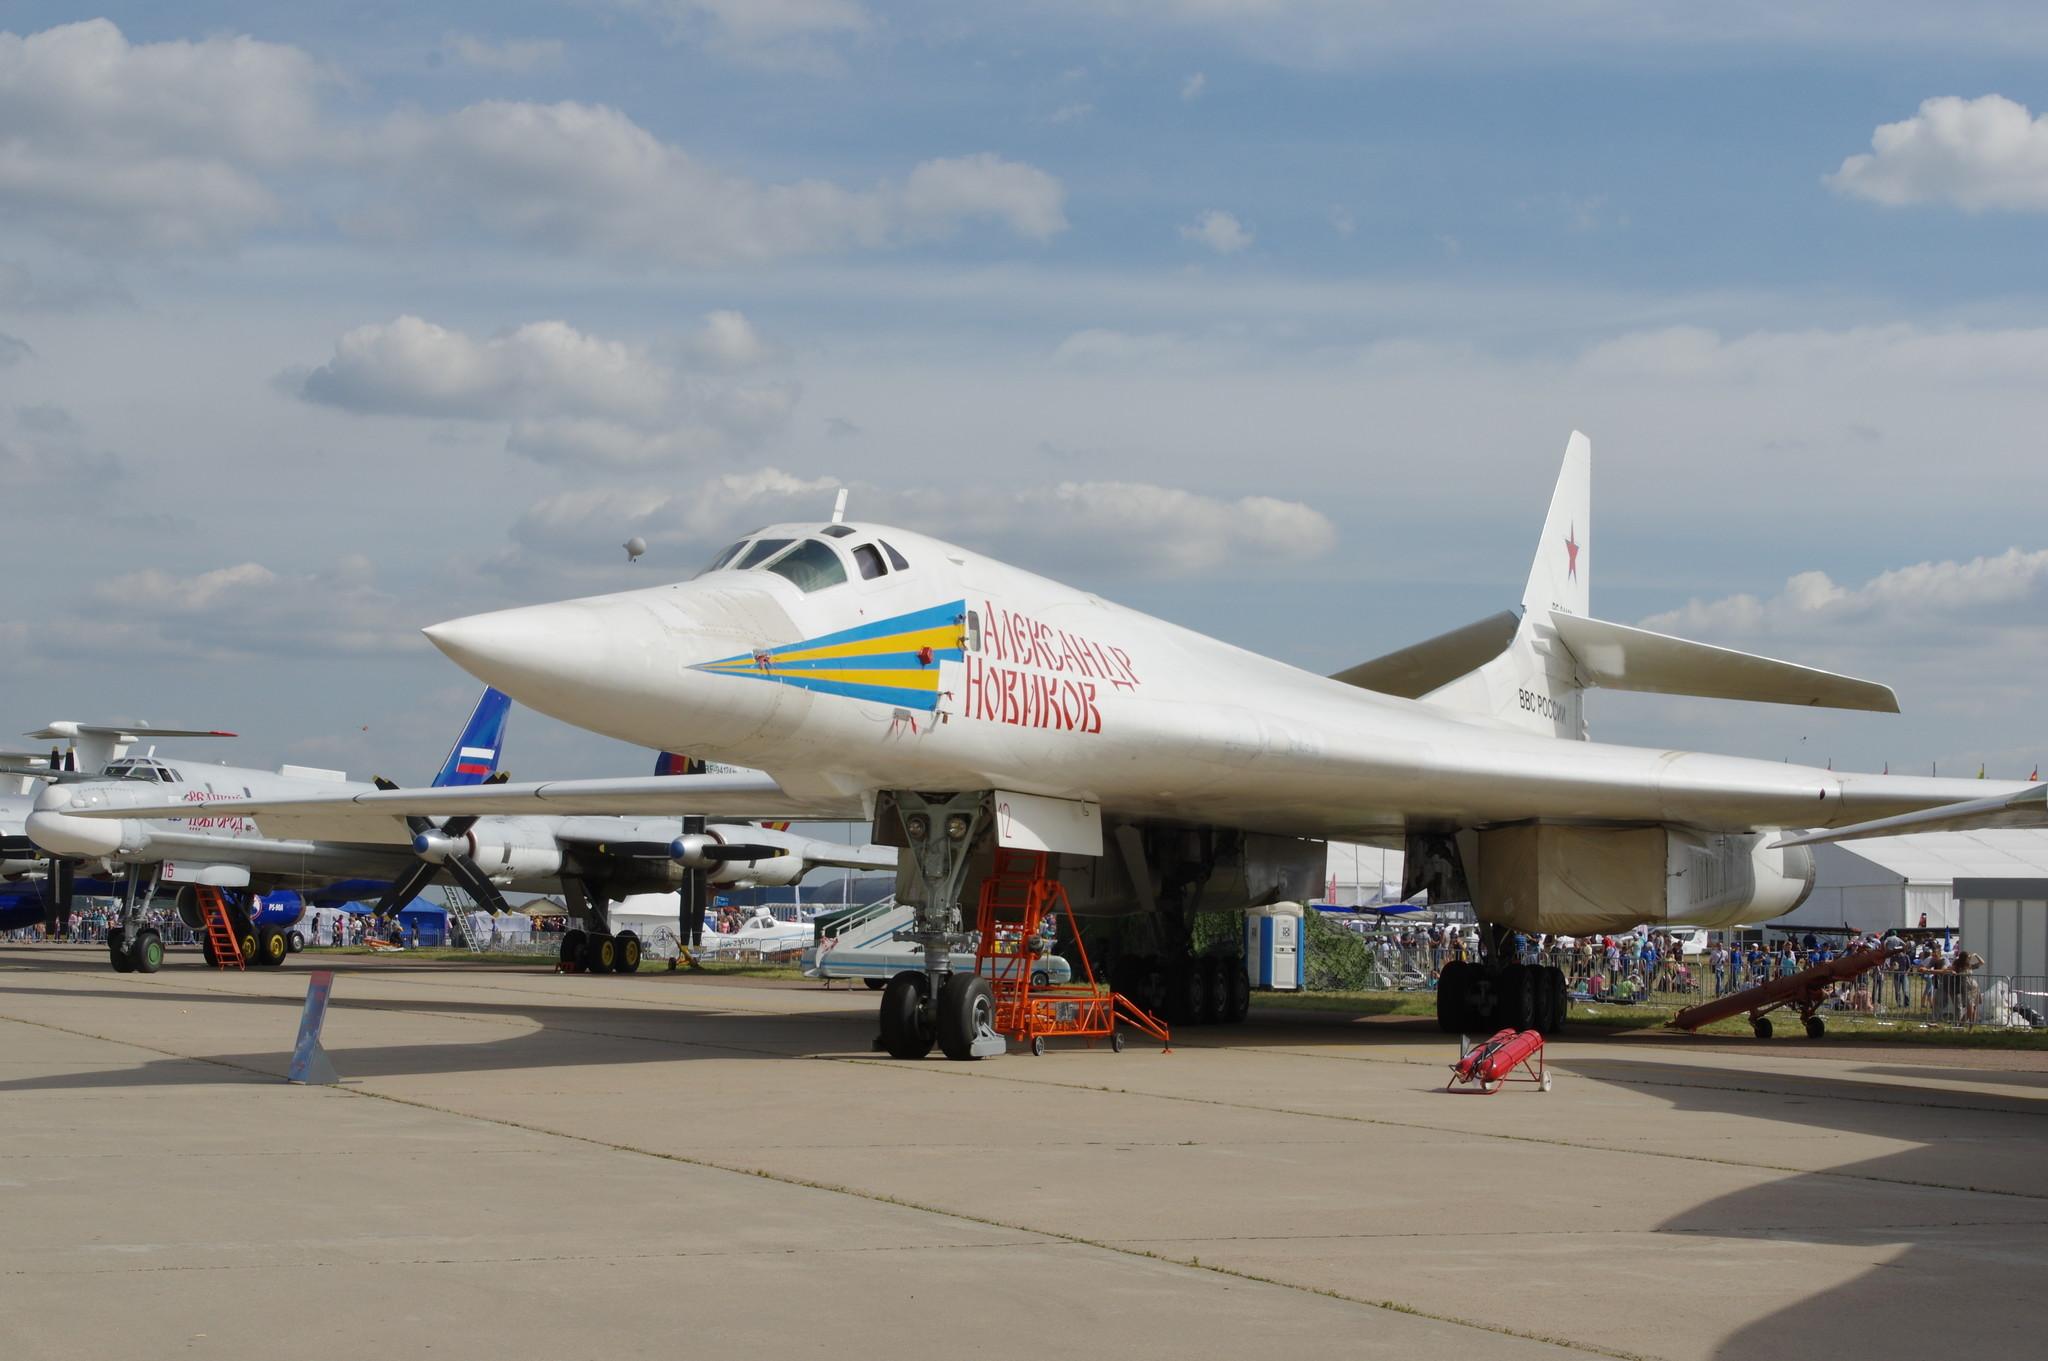 Ту-160 — сверхзвуковой стратегический бомбардировщик-ракетоносец с крылом изменяемой стреловидности